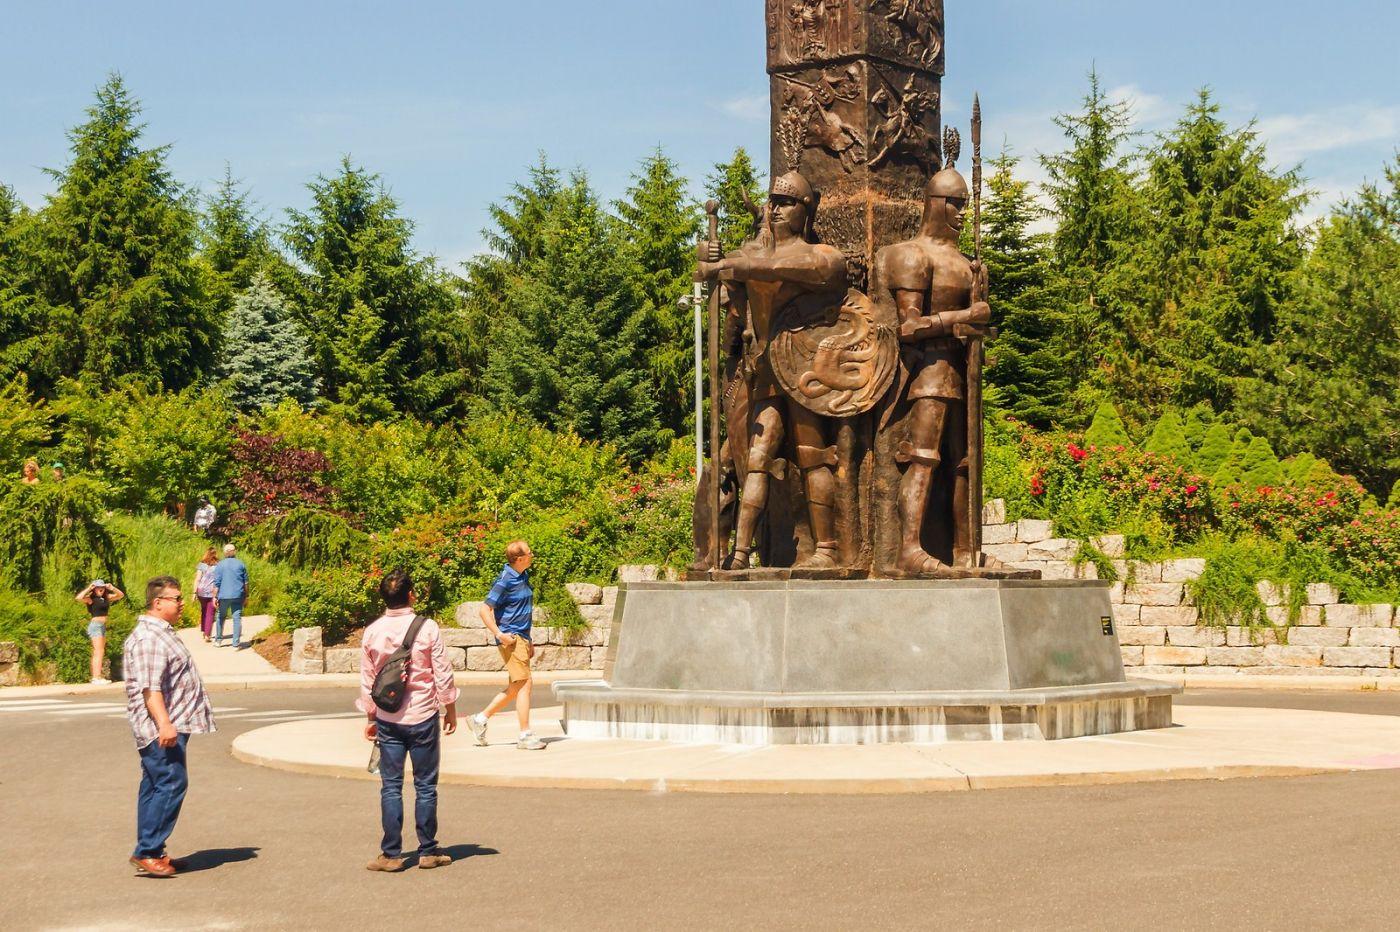 新澤西州雕塑公園(Grounds for scuplture),題材很廣_圖1-34